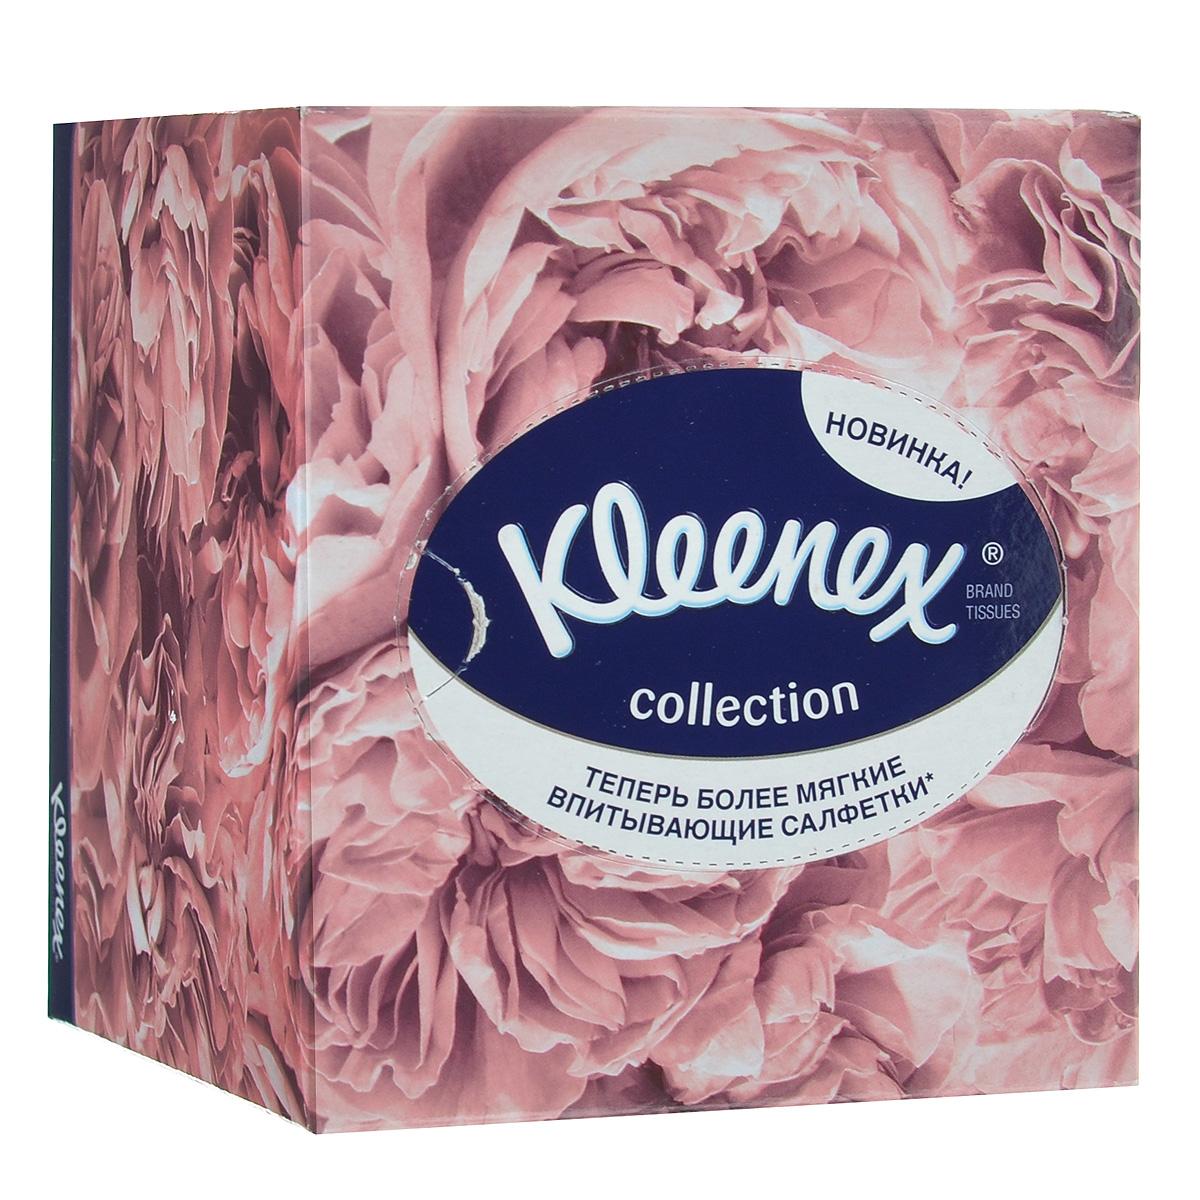 Салфетки универсальные Kleenex Collection, двухслойные, 21,6 см х 21,6 см, 100 шт (упаковка светло-коричневые цветы)9480500_св. коричневые цветыДвухслойные, мягкие, гигиенические салфетки Kleenex Collection изготовлены из высококачественного, экологически чистого сырья - 100% первичной целлюлозы. Салфетки обладают большой впитывающей способностью. Не вызывают аллергию, не раздражают чувствительную кожу. Благодаря уникальной мягкости, салфетки заботятся о вашей коже во время простуды. Просты и удобны в использовании. Применяются дома и в офисе, на работе и отдыхе. Для хранения салфеток предусмотрена специальная коробочка. Выберите себе настроение! Как всегда разные: яркие и спокойные, задорные и утонченные коробочки с салфетками Kleenex Collection найдут свое место в любом уголке вашей квартиры и добавят в ваш дом теплоты и уюта даже в самый хмурый день. Товар сертифицирован. Размер салфетки: 21,6 см х 21,6 см. Комплектация: 100 шт.